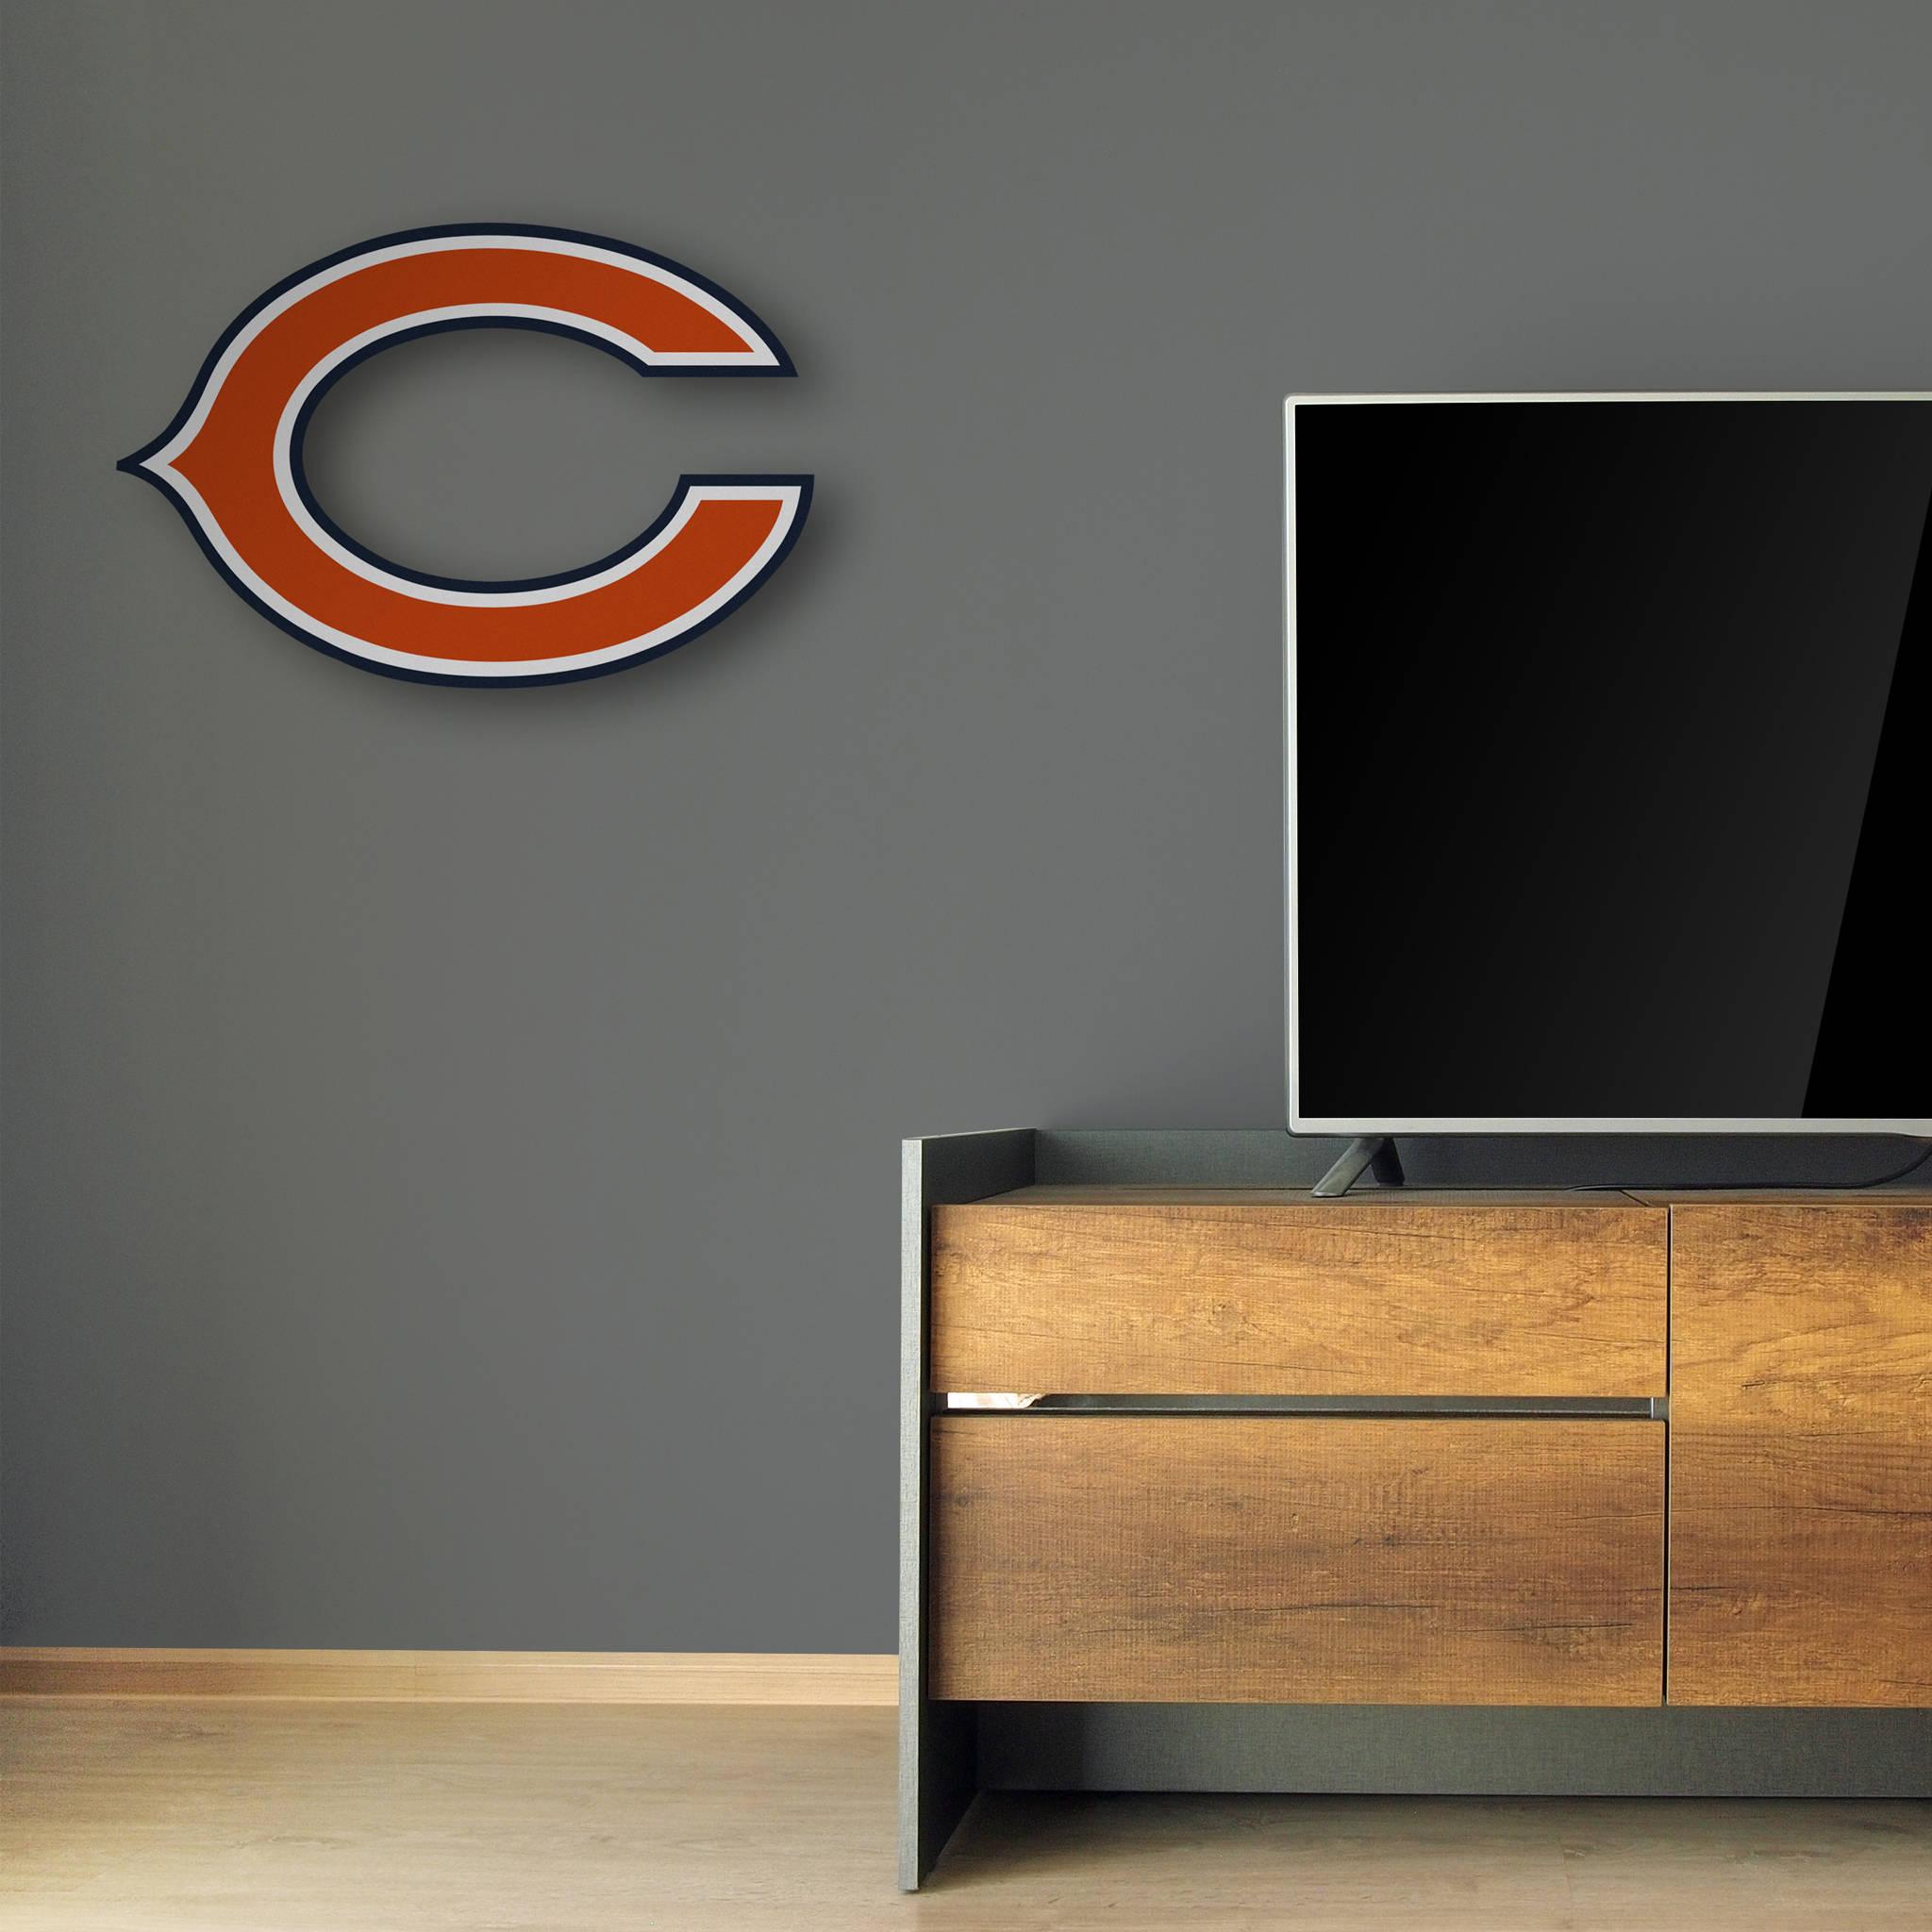 Exceptional Chicago Bears Decor|Wall Decor|Boy Room Decor|Boy Football Decor|Teen